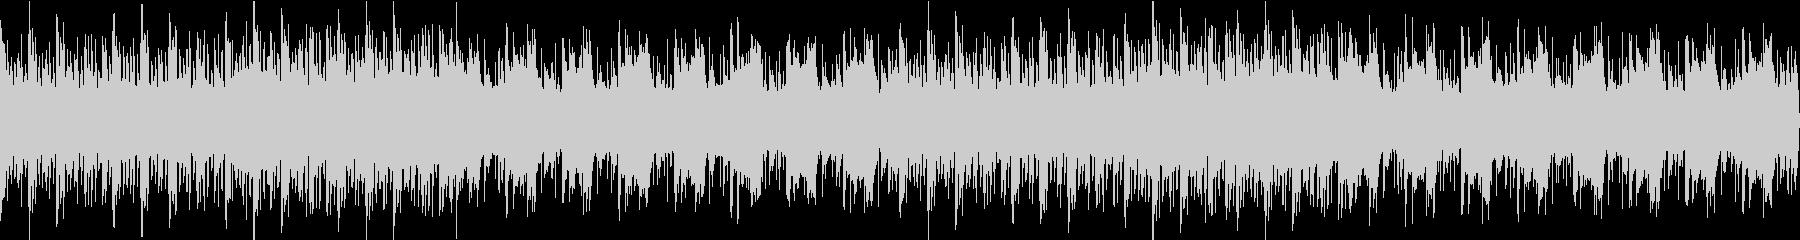 ピアノとシンセが目立つ儚いBGMの未再生の波形